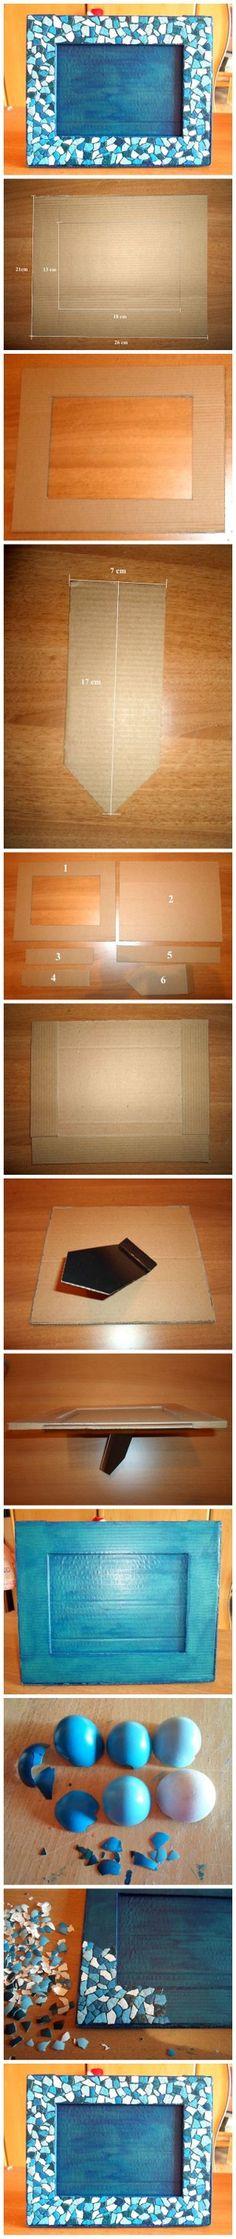 瓦楞纸制作的相框哦~很好看,用碎鸡蛋壳装饰的!纸板相框 ..一步一步细心制作,各种惊喜啊 :) http://18kstyle.taobao.com - 堆糖 发现生活_收集美好_分享图片